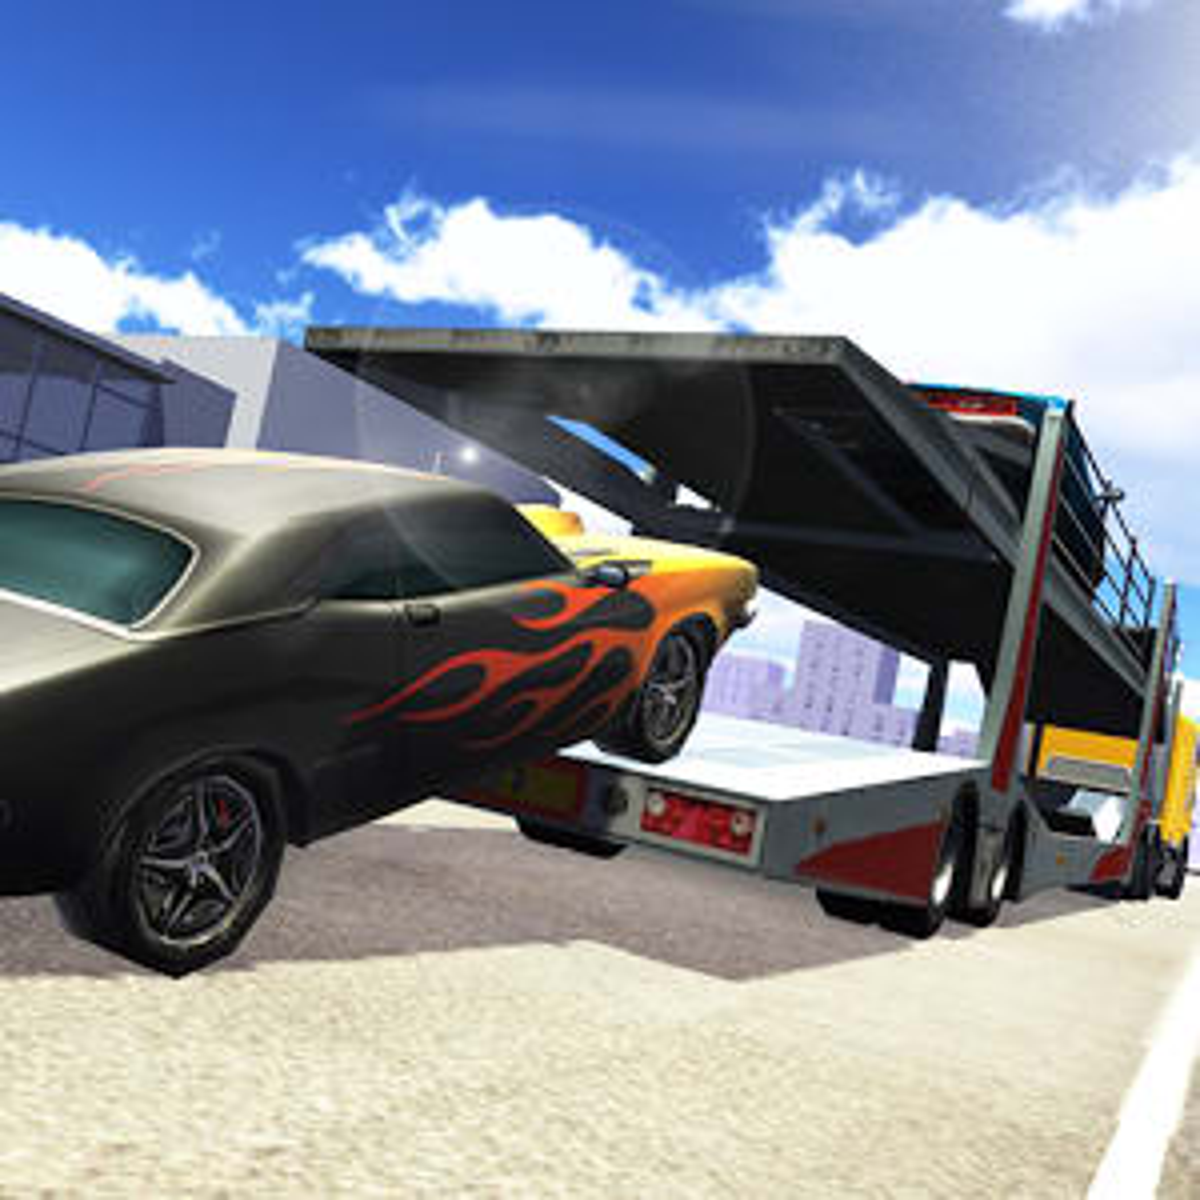 Retro Car Cargo Transport 2017 1.0.1